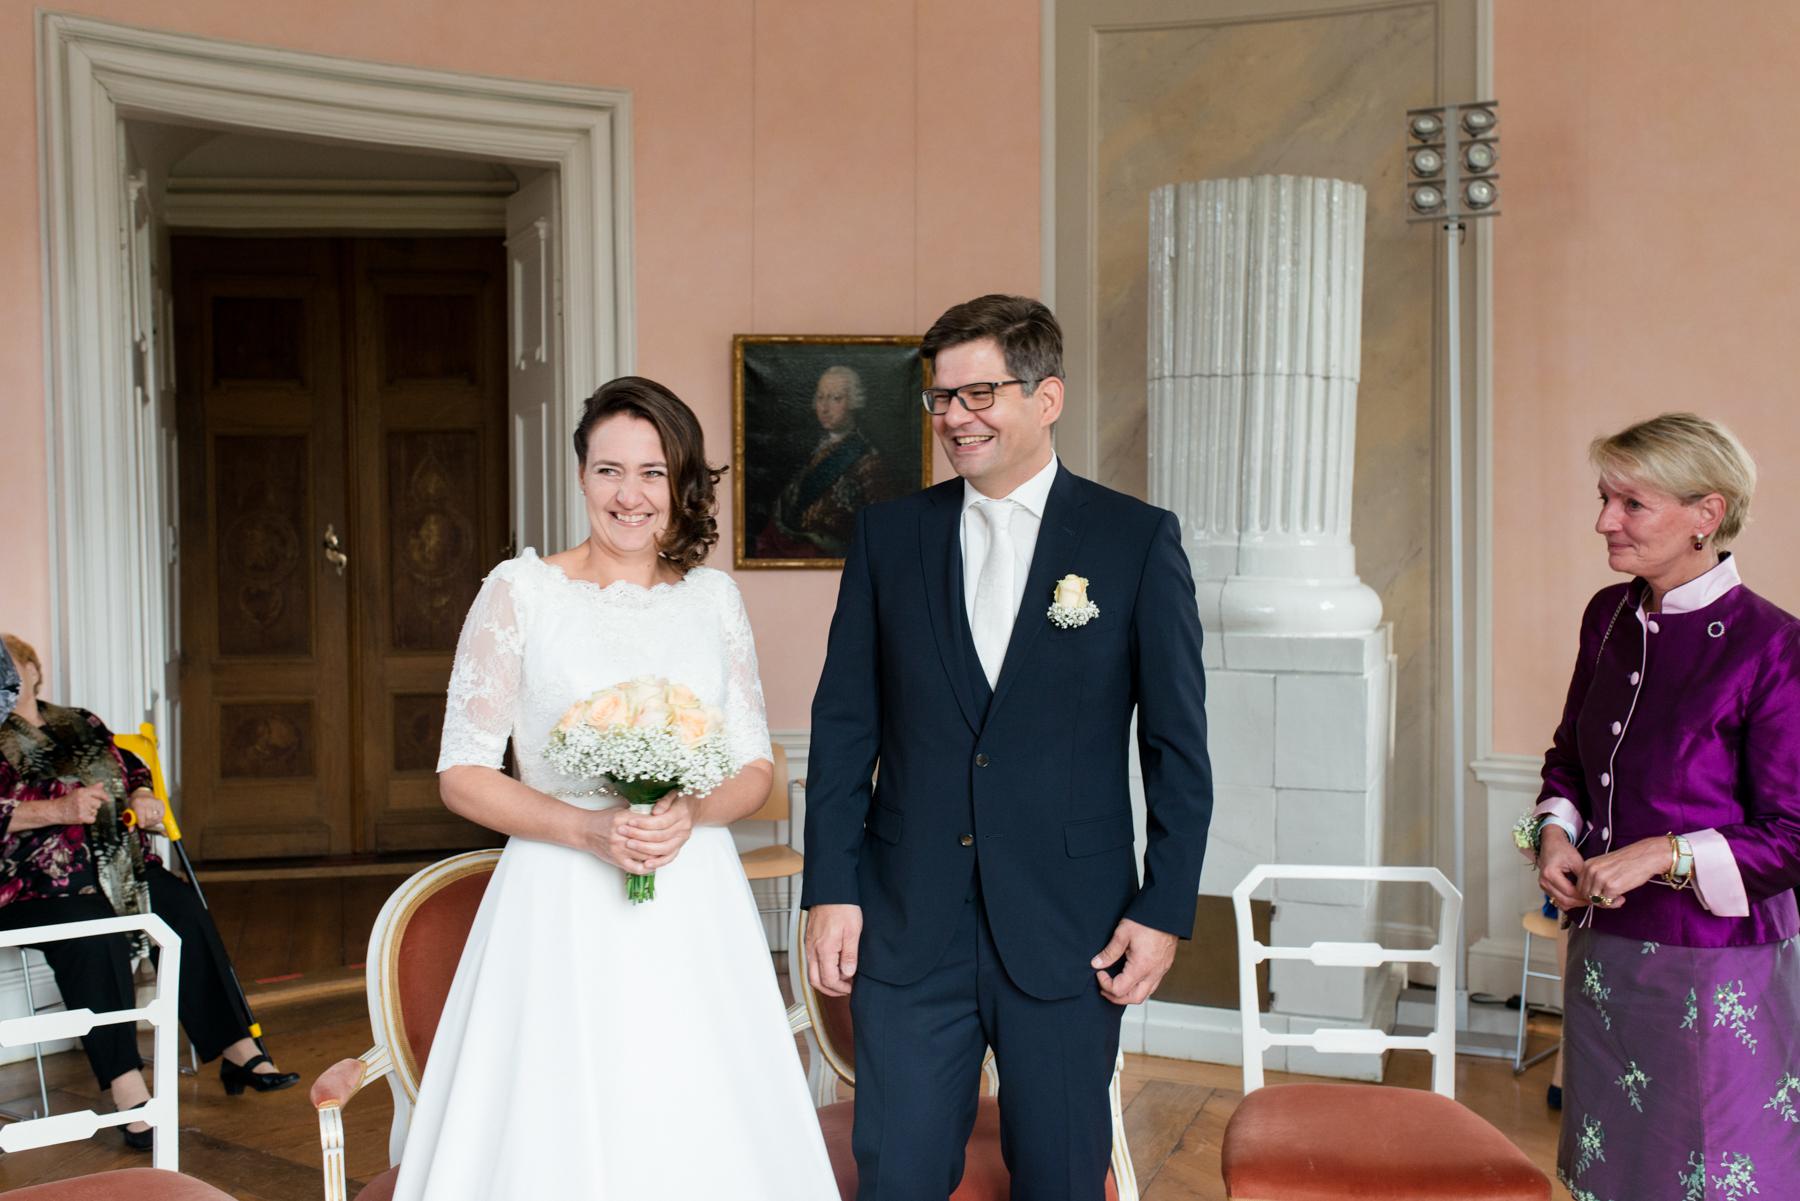 Bluhm-Hochzeitsfotograf-HochzeitamMeer-12.jpg